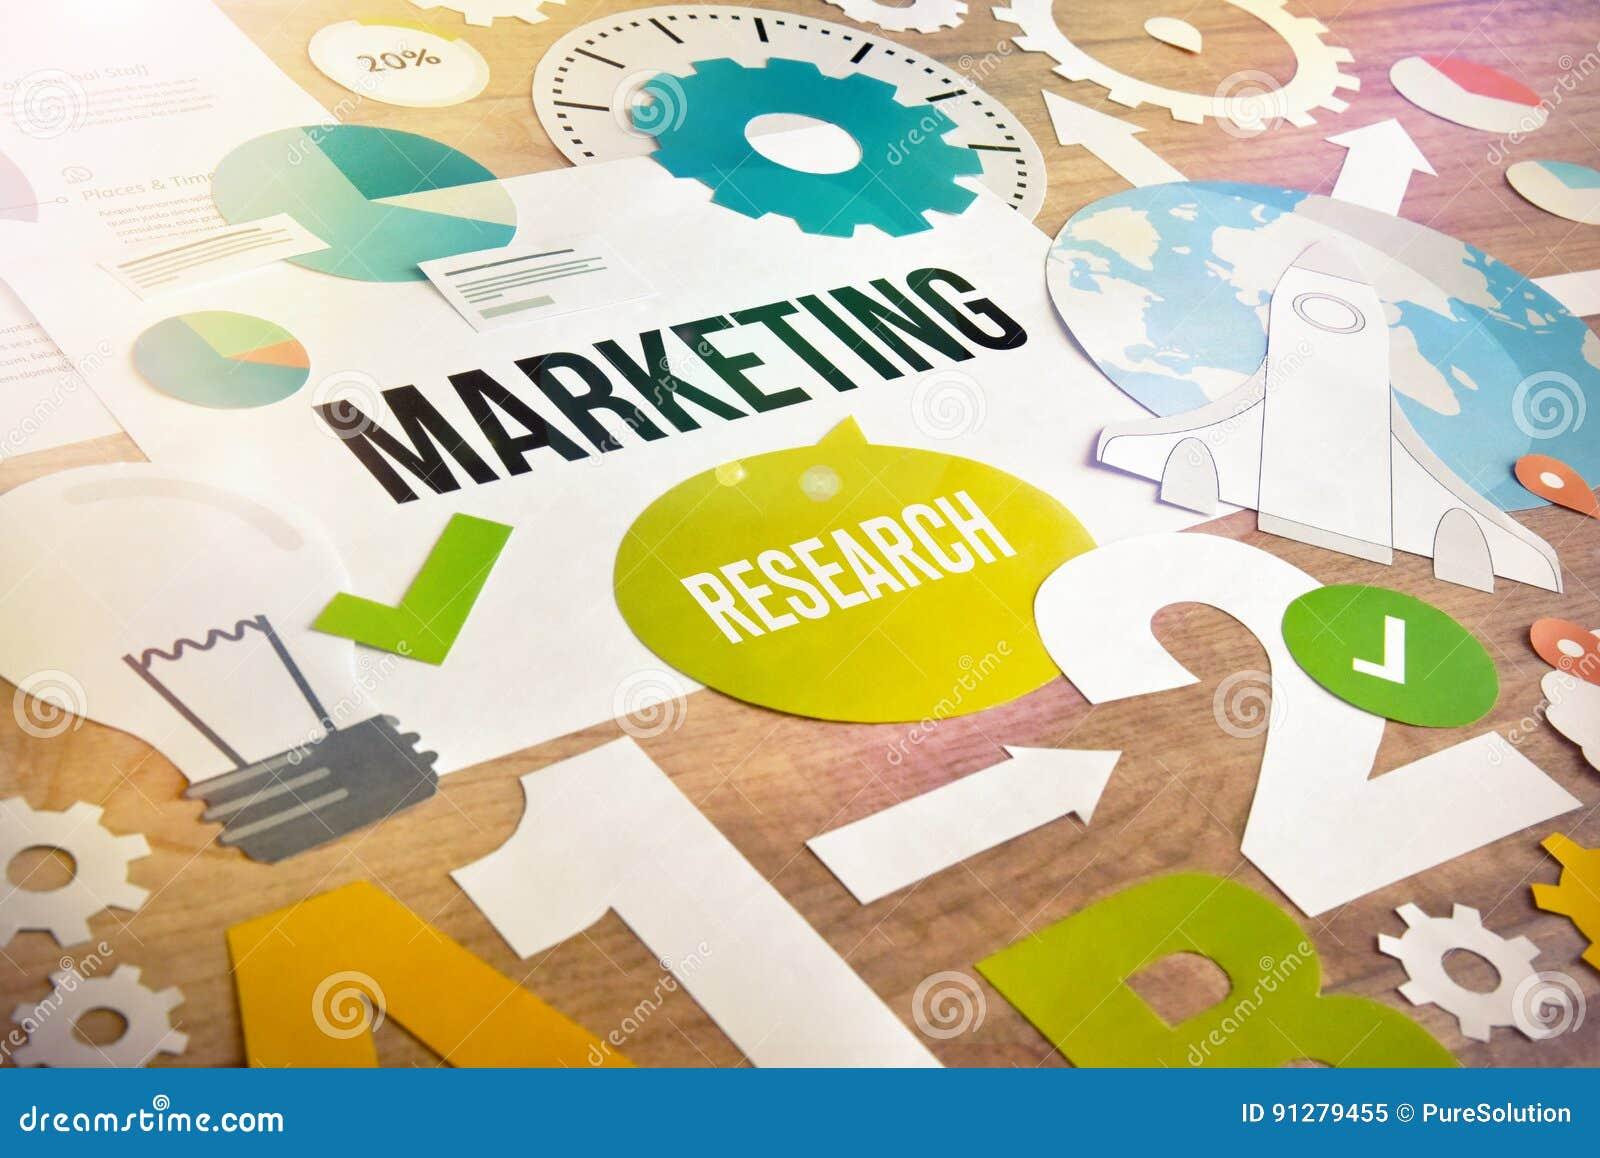 Design för begrepp för marknadsföringsforskning